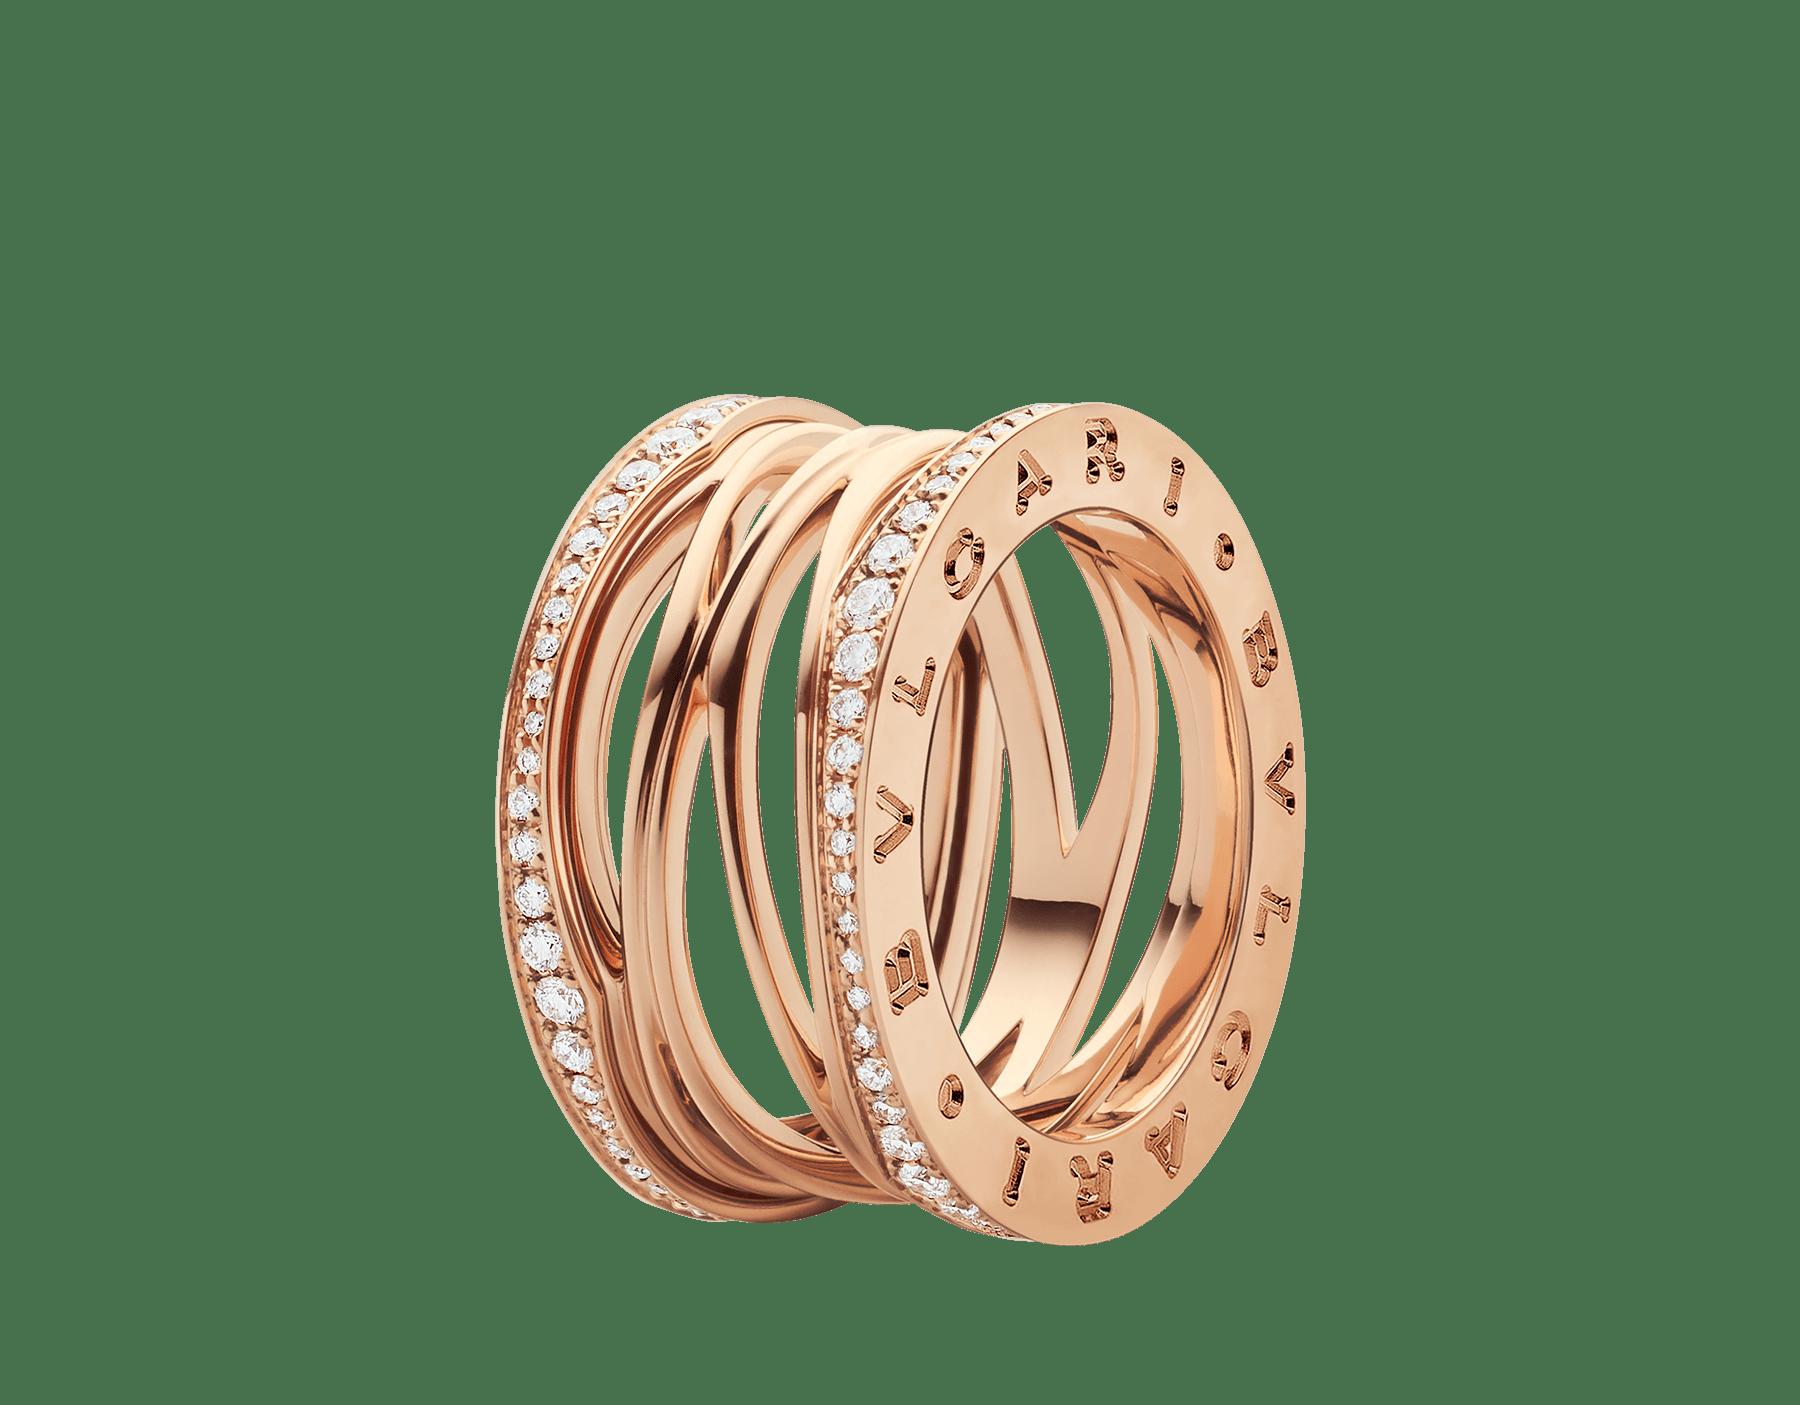 Anel B.zero1 Design Legend de 4 aros em ouro rosa 18K cravejado com pavê de diamantes nas bordas. B-zero1-4-bands-AN858125 image 1